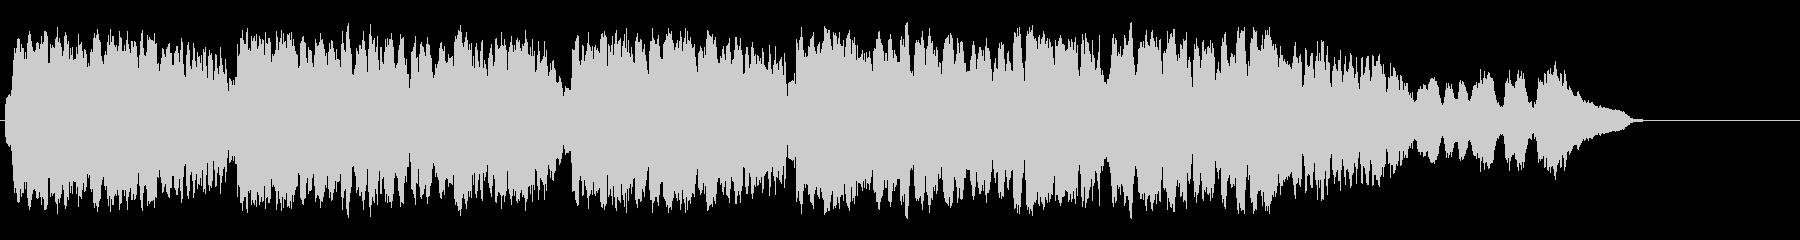 西洋の古都のバロック調の流麗なクラシックの未再生の波形